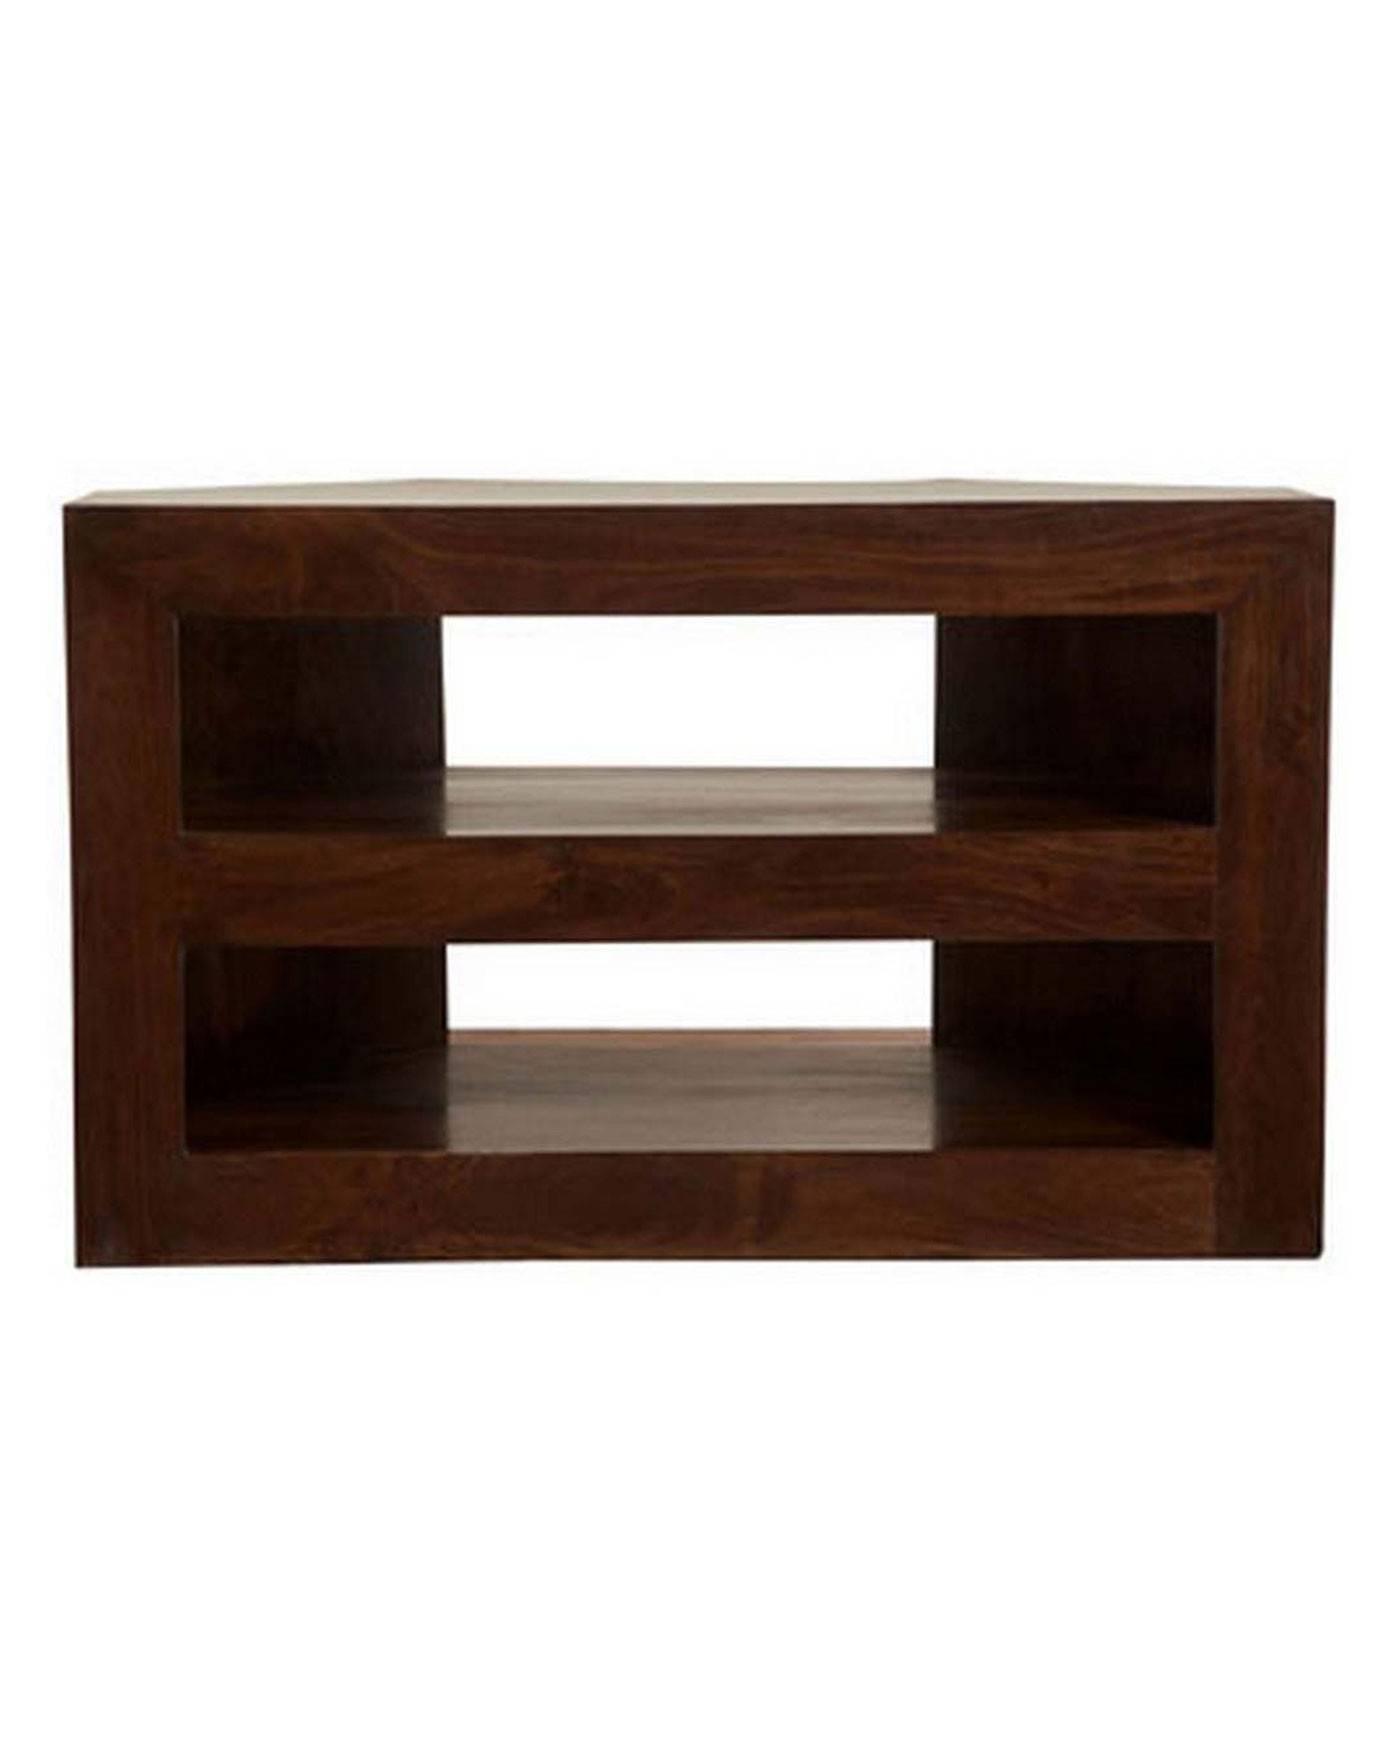 Dakota Corner Tv Unit Dark Shade - Homescapes intended for Wood Corner Tv Cabinets (Image 4 of 15)